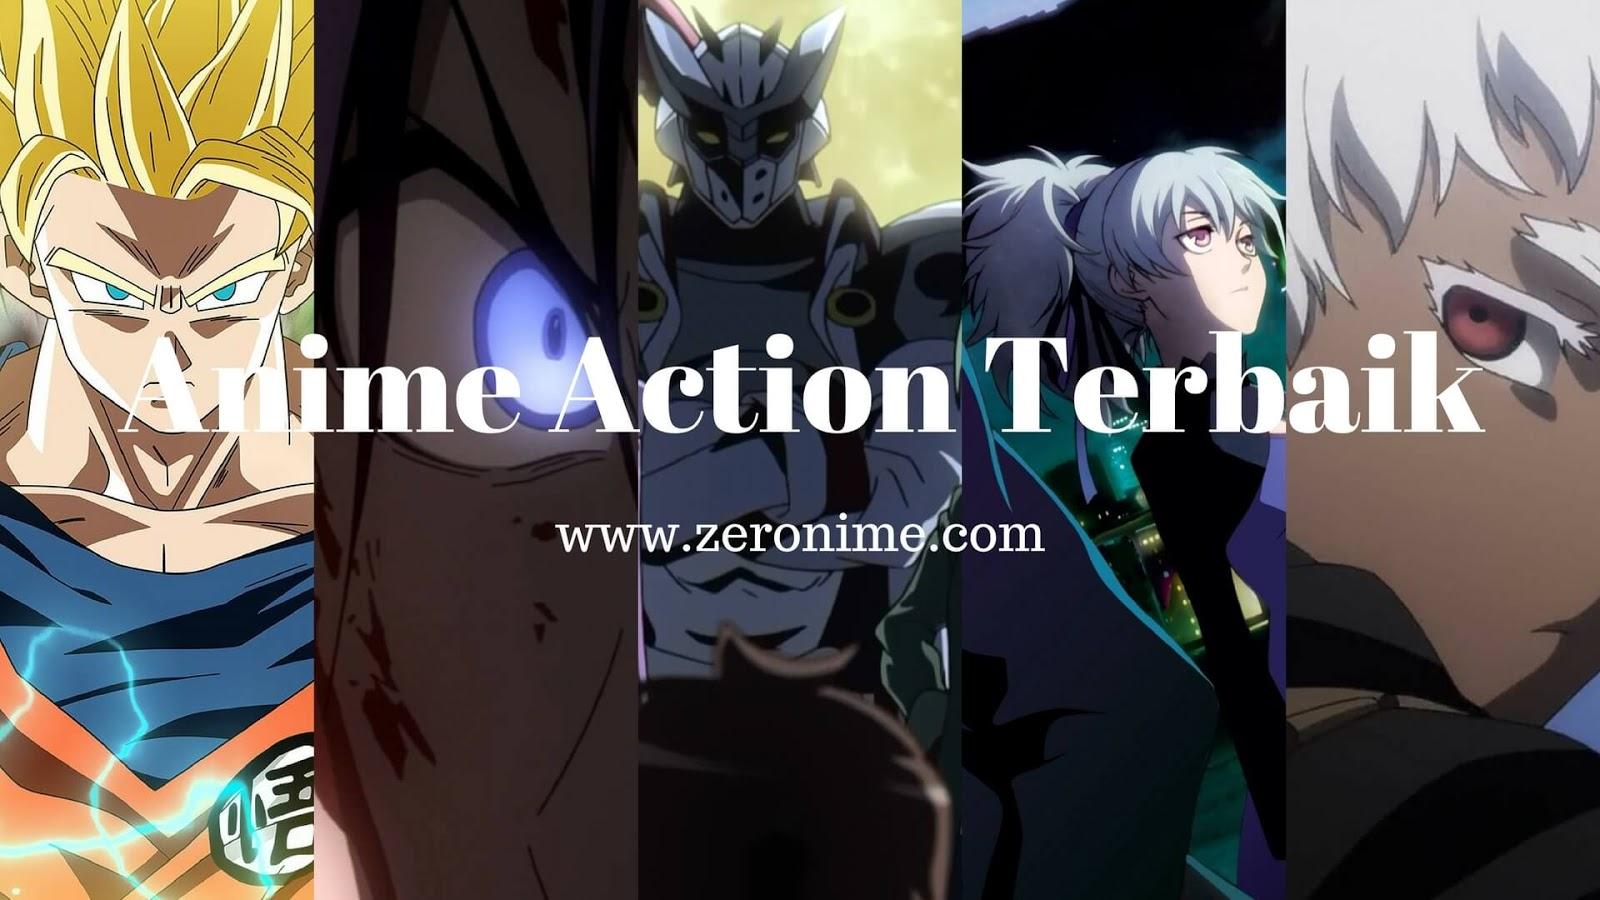 Anime Action Disukai Dan Digemari Banyak Orang Alasannya Ialah Menghadirkan Pecahan Pertarungan Seru